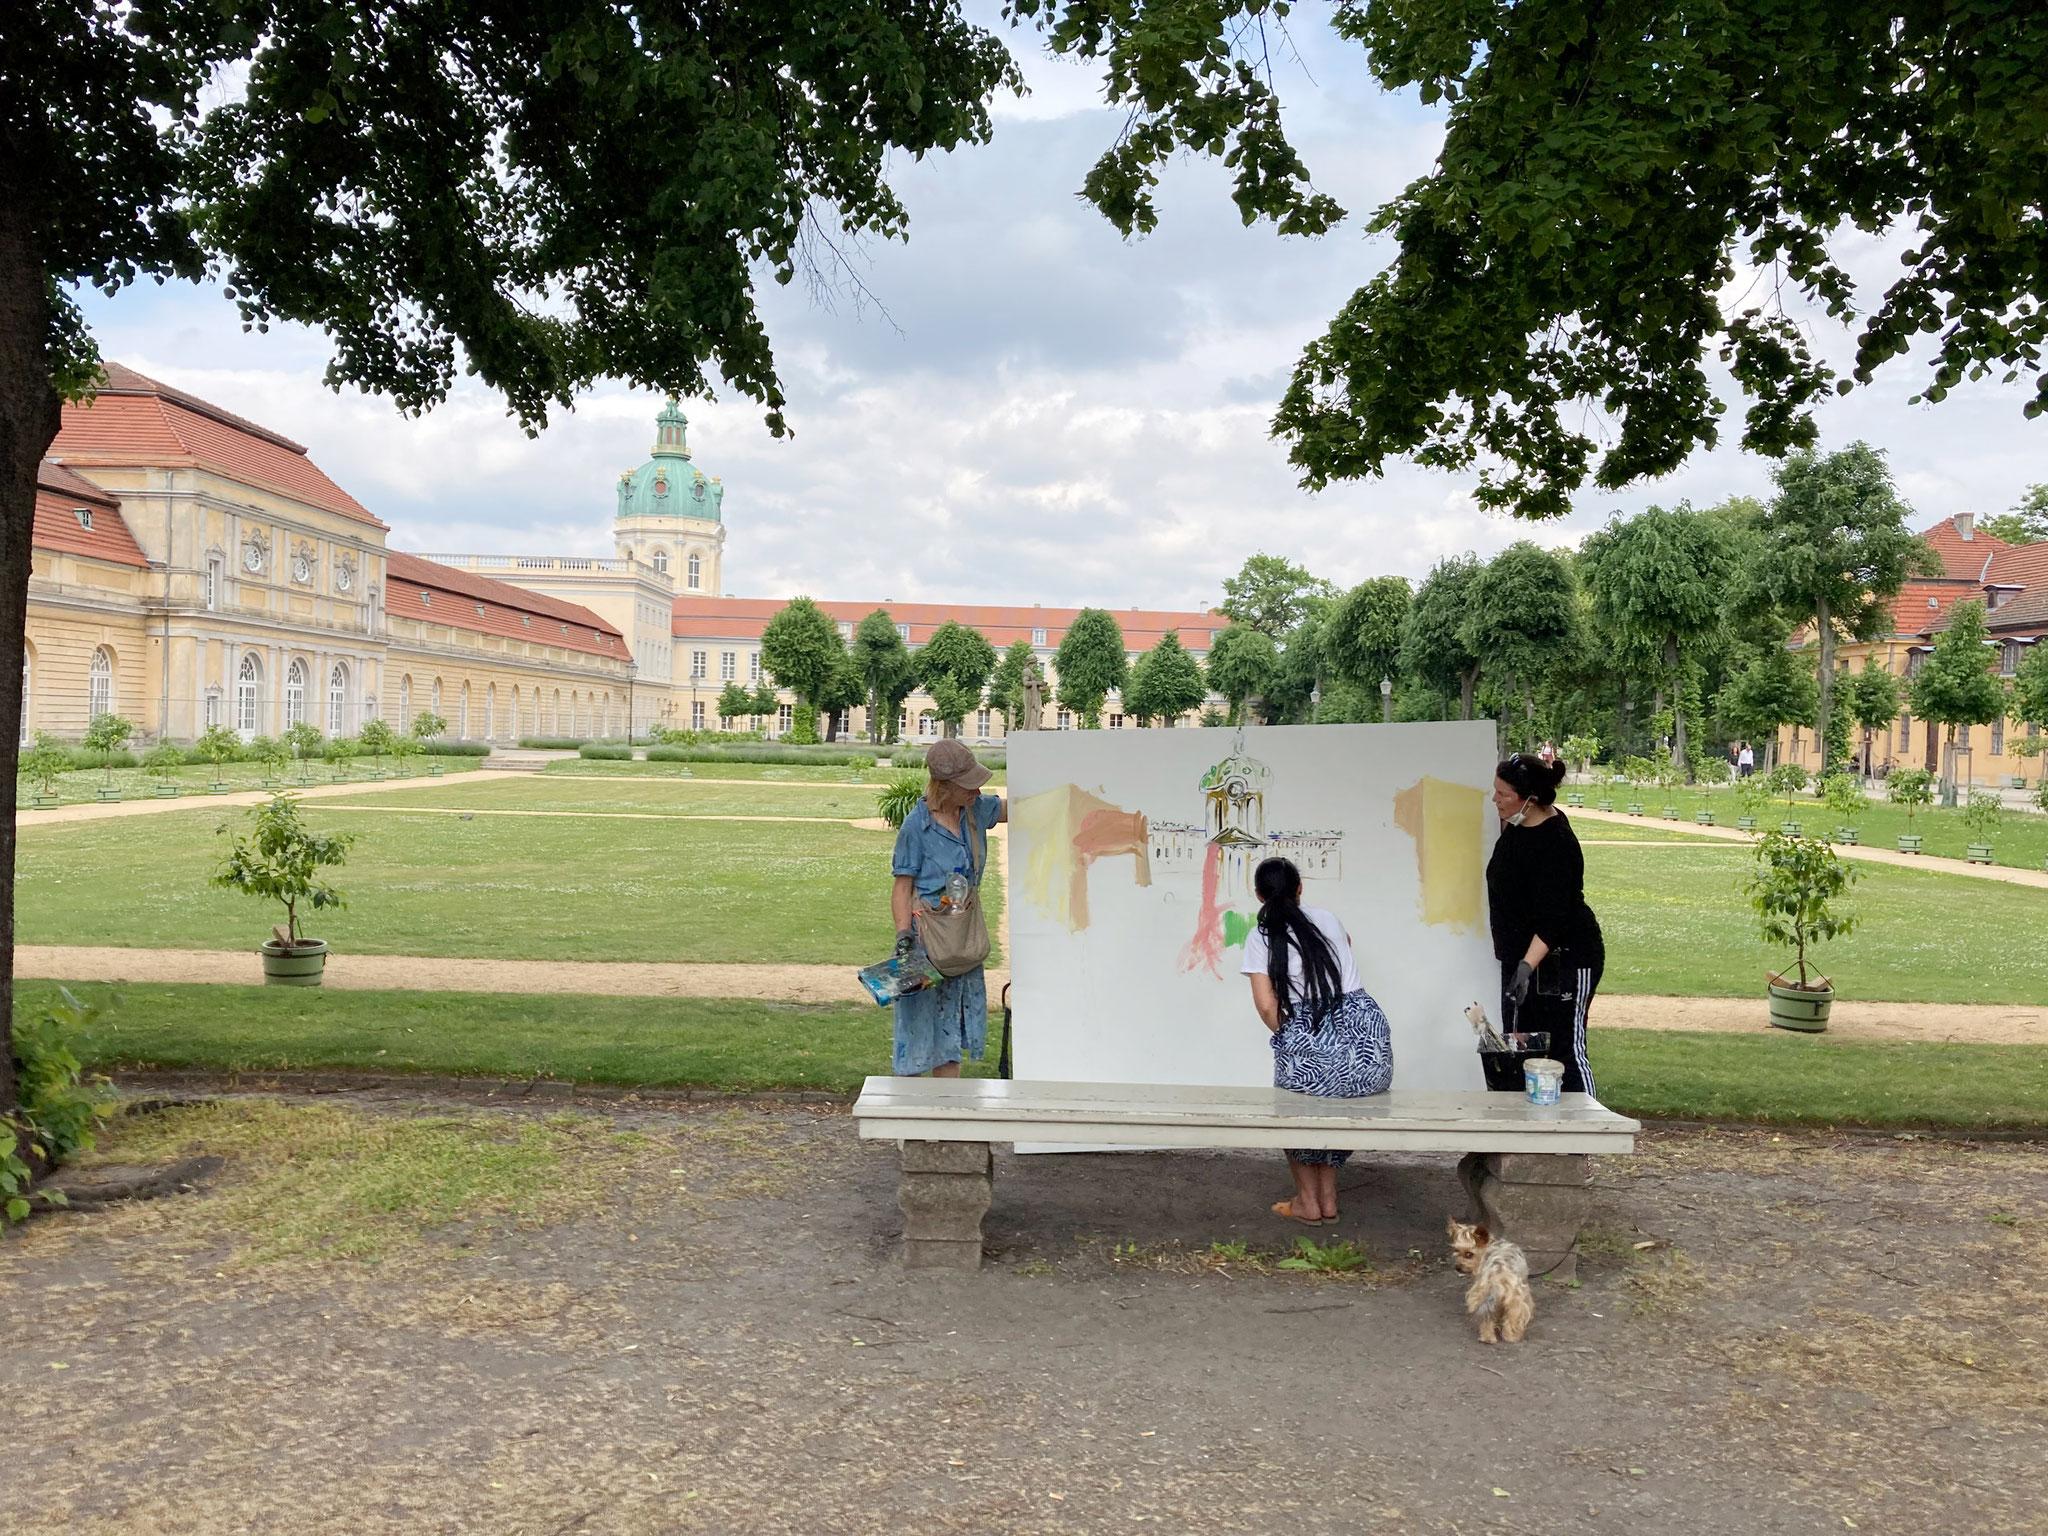 Walk am Di. 15. Juni, 10-18 Uhr: Gedächtniskirche - Ernst-Reuter-Platz  (2km) 10-13 Uhr; Schloss Charlottenburg - Schlosspark- Eisenbahnbrücke (1,9 km) von 14-18 Uhr